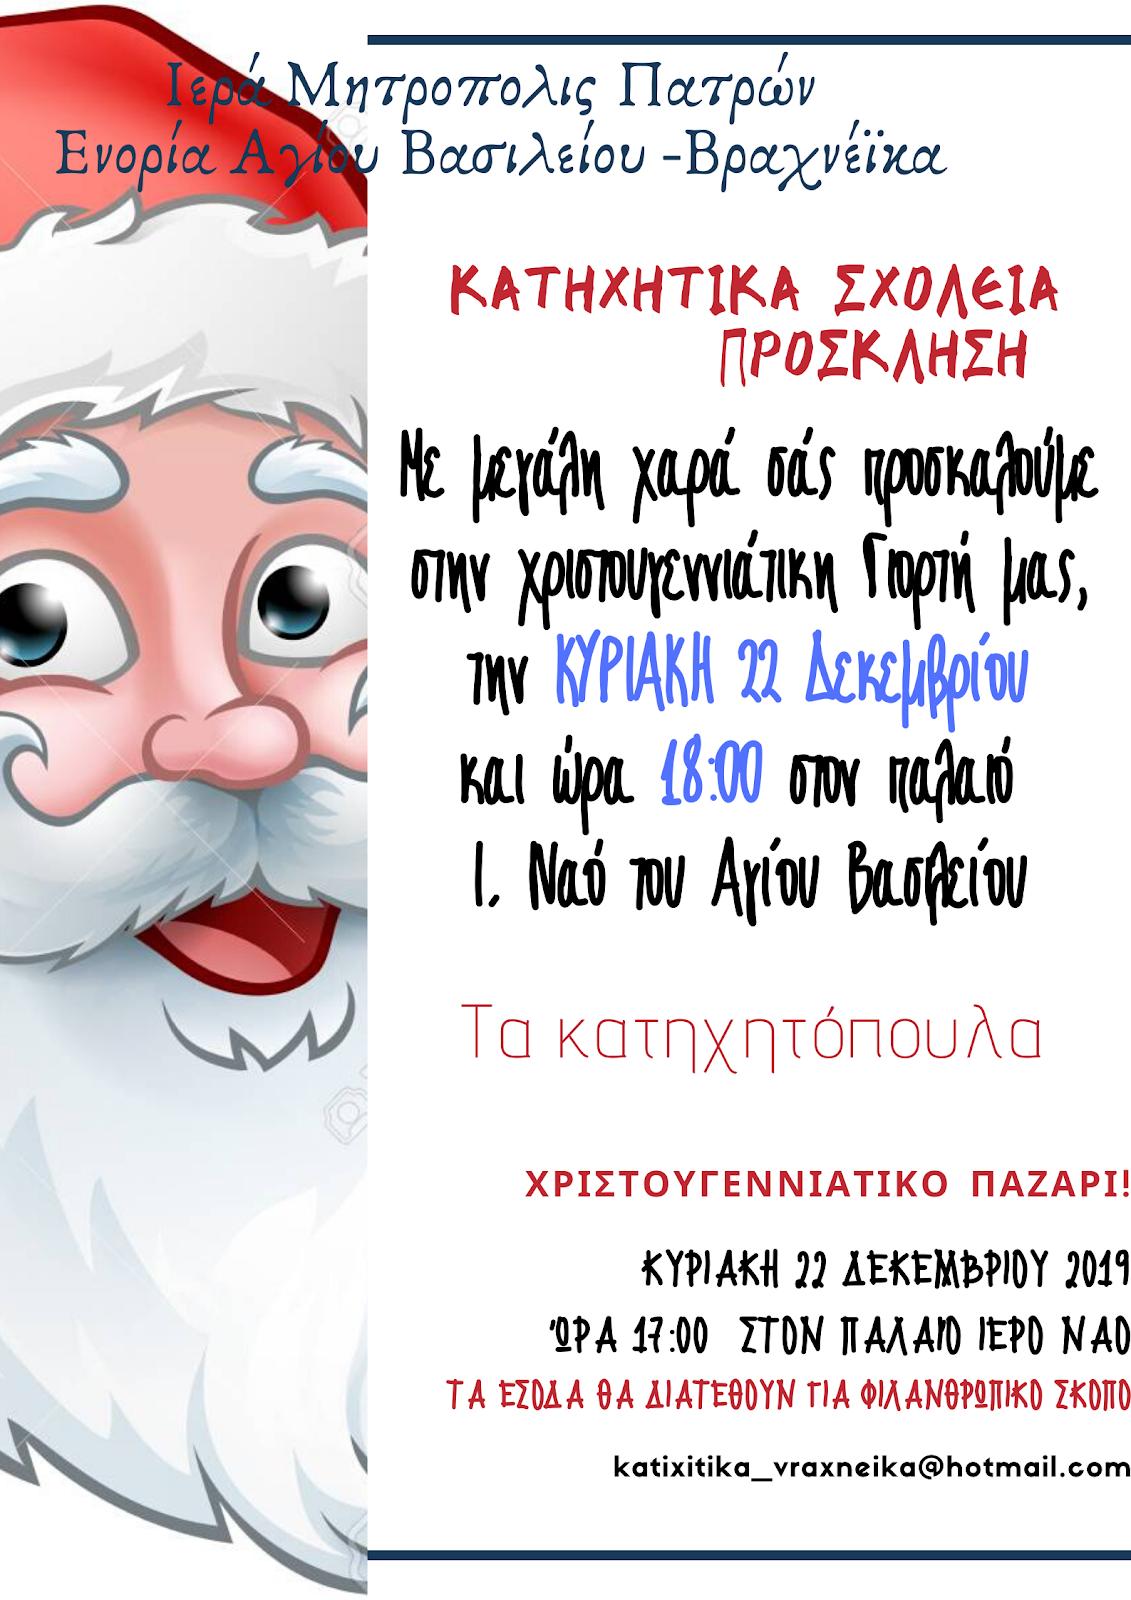 Χριστουγεννιάτικη γιορτή - Πρόσκληση